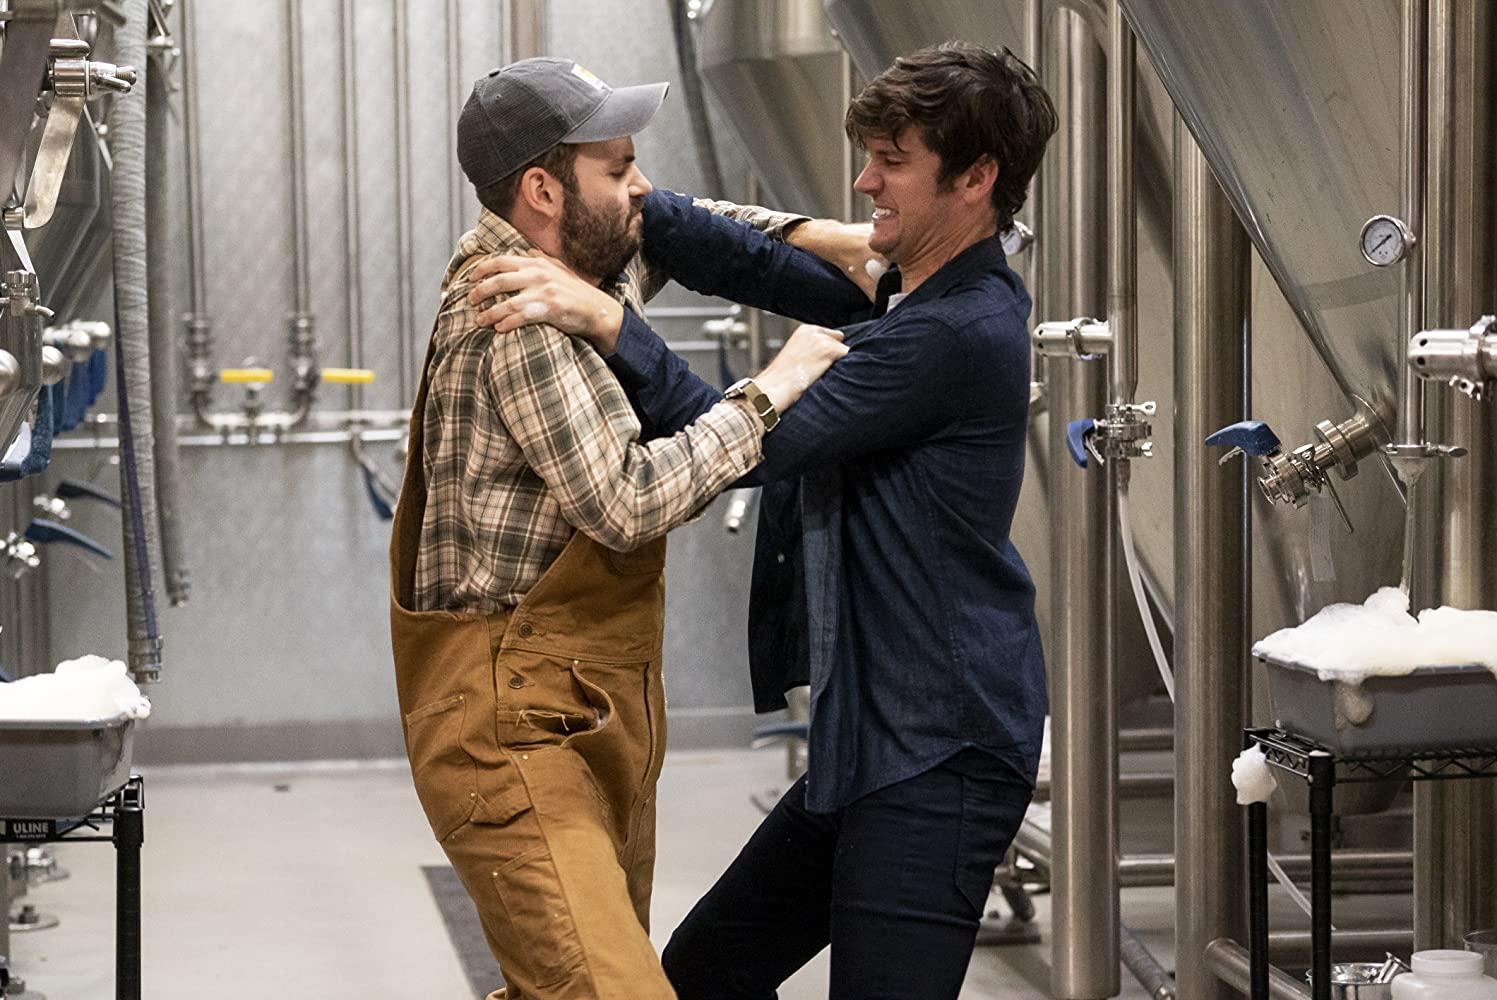 Bröderna Wilhelm och Adam bråkar i Brews Brothers.